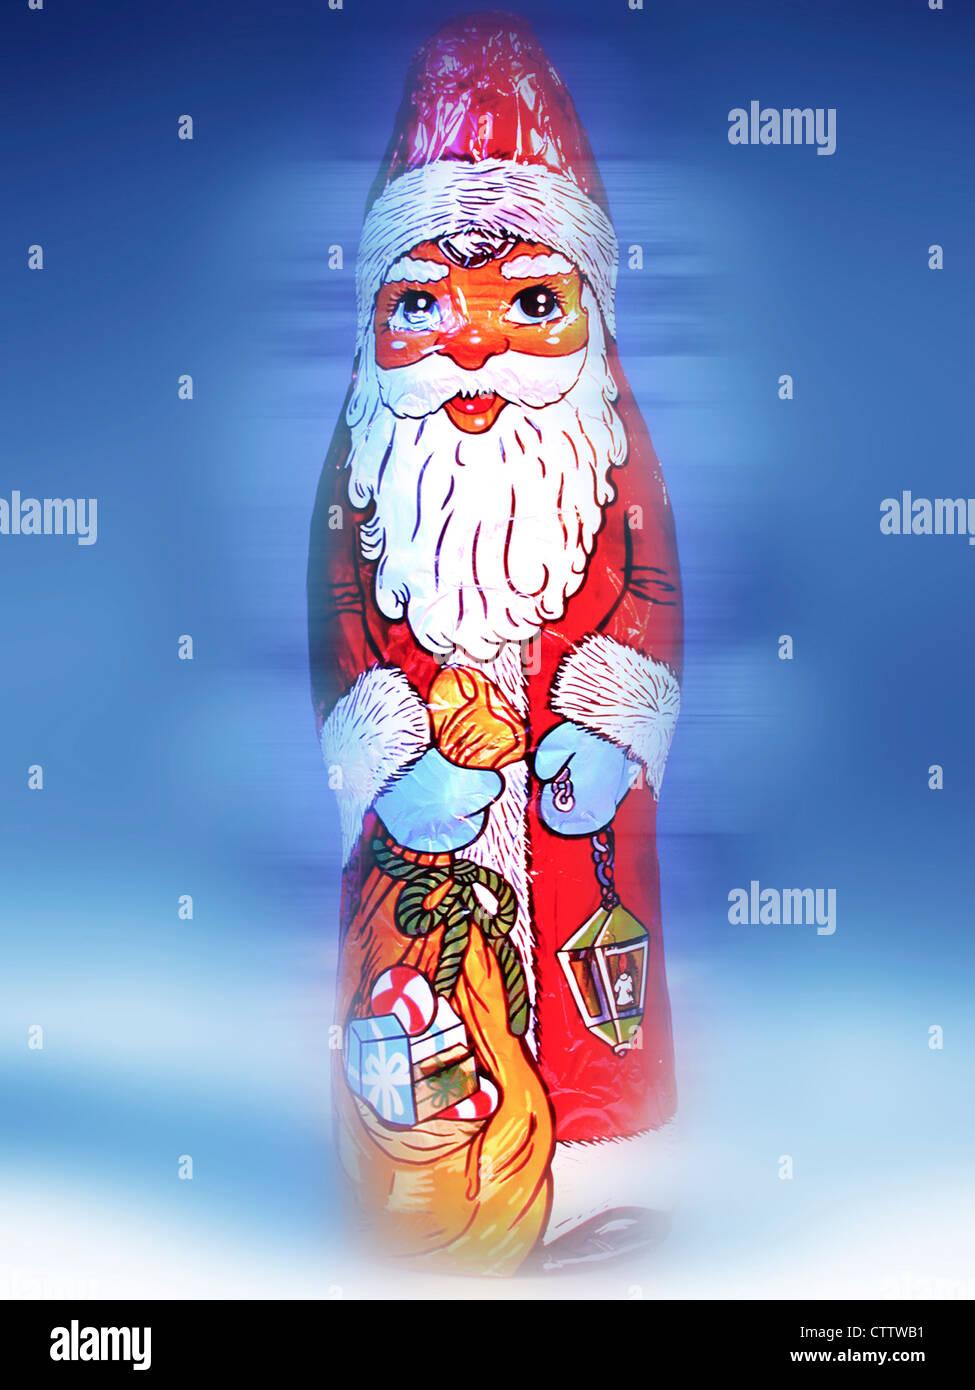 Bombones Santa - Schokoladen Nikolaus en Alufolie Imagen De Stock